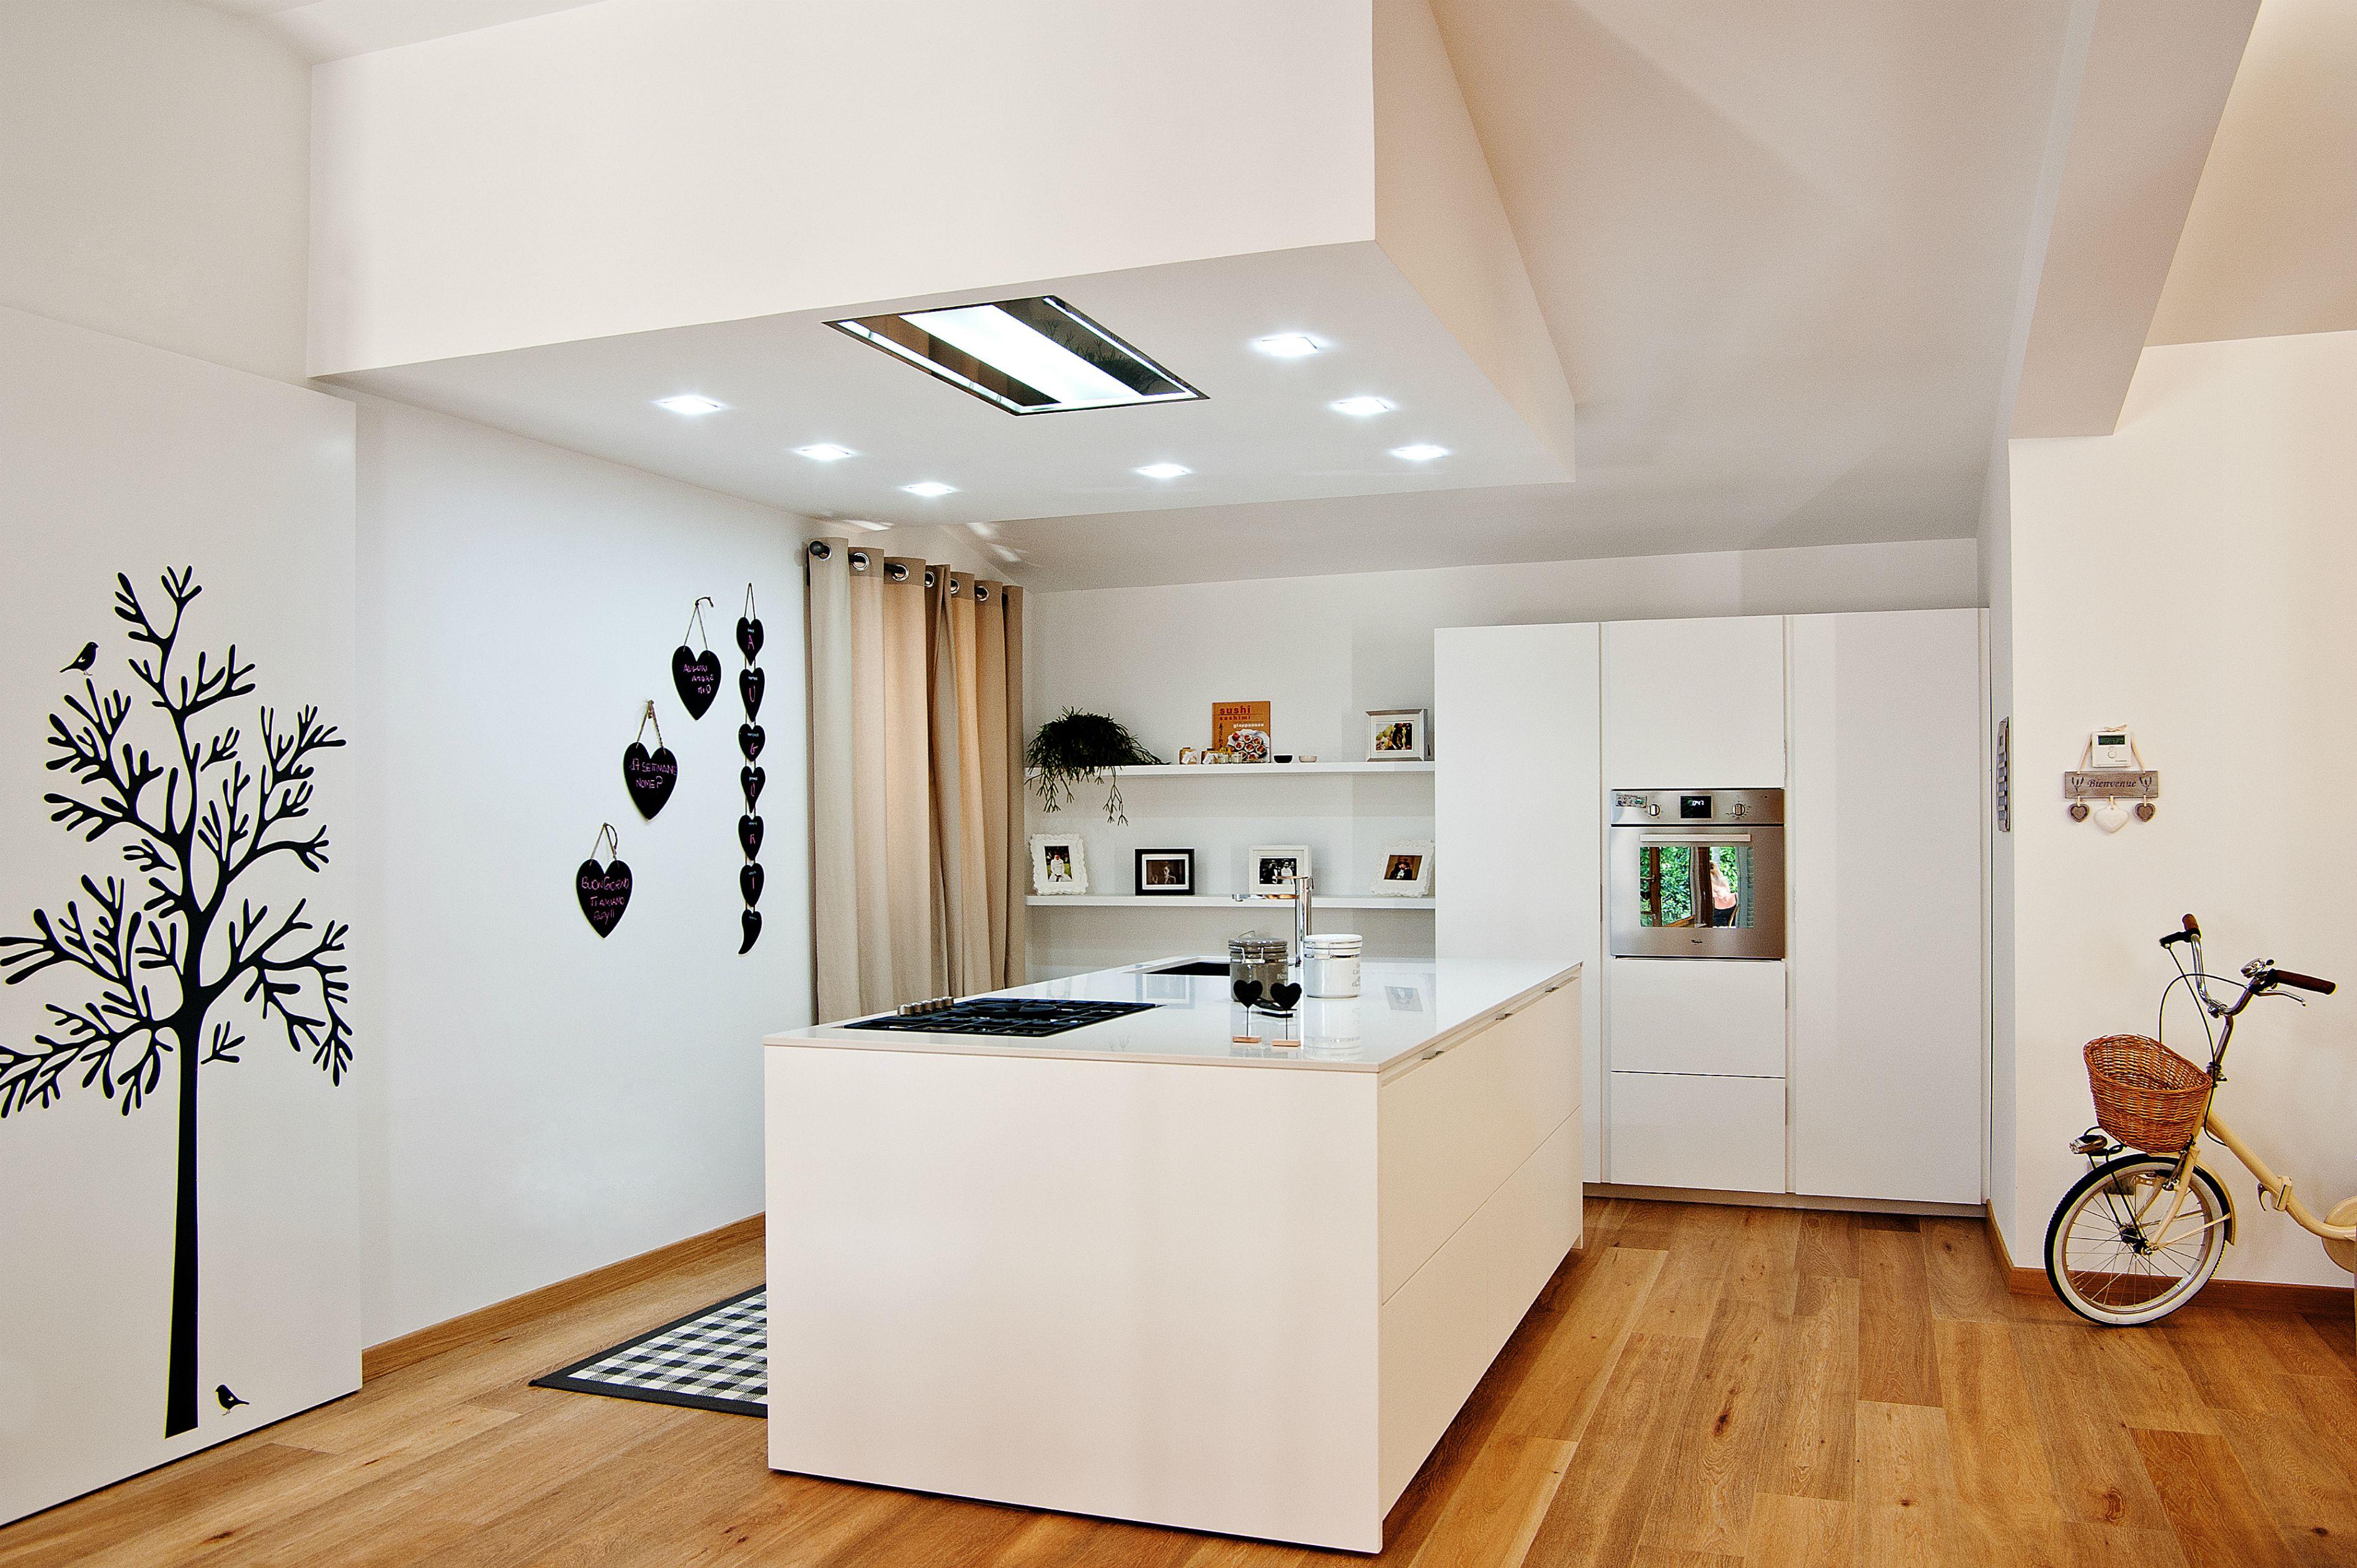 Cucina VISION di GATTOCUCINE laccato bianco lucido top in okite ed elettrodomestici in acciaio